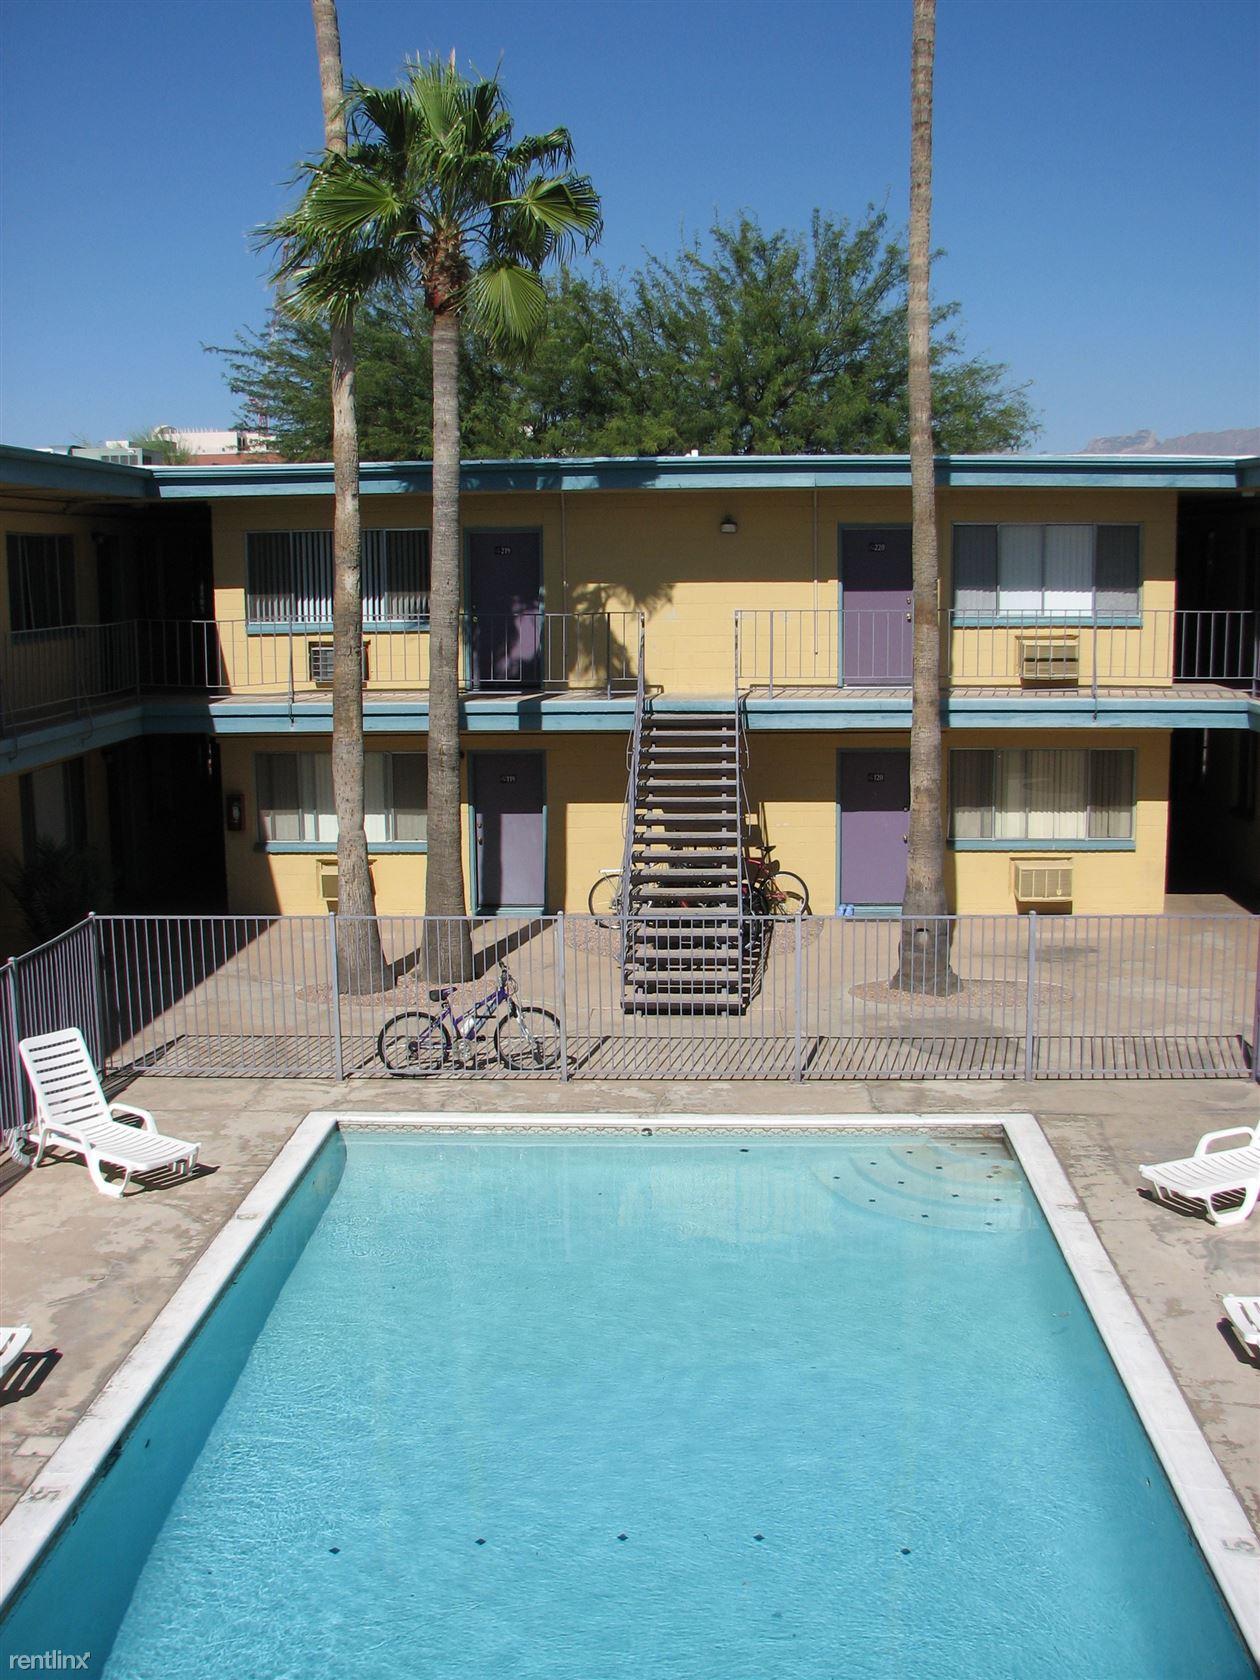 Palm Shadows Apartments